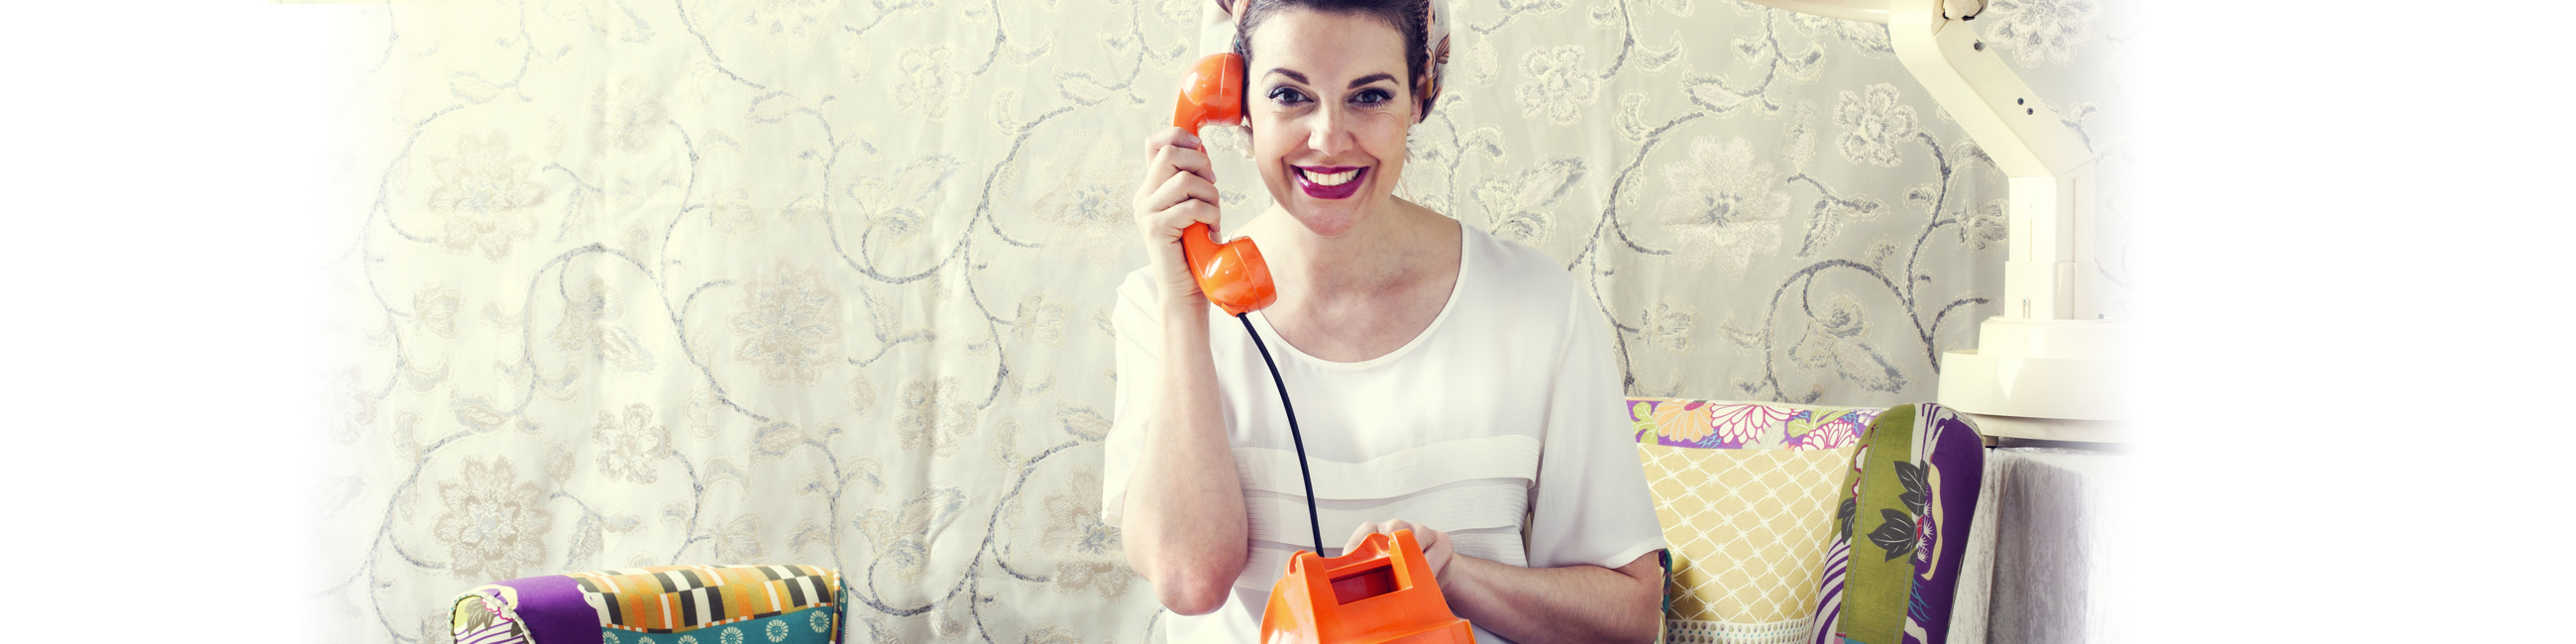 femme-orange-telephone